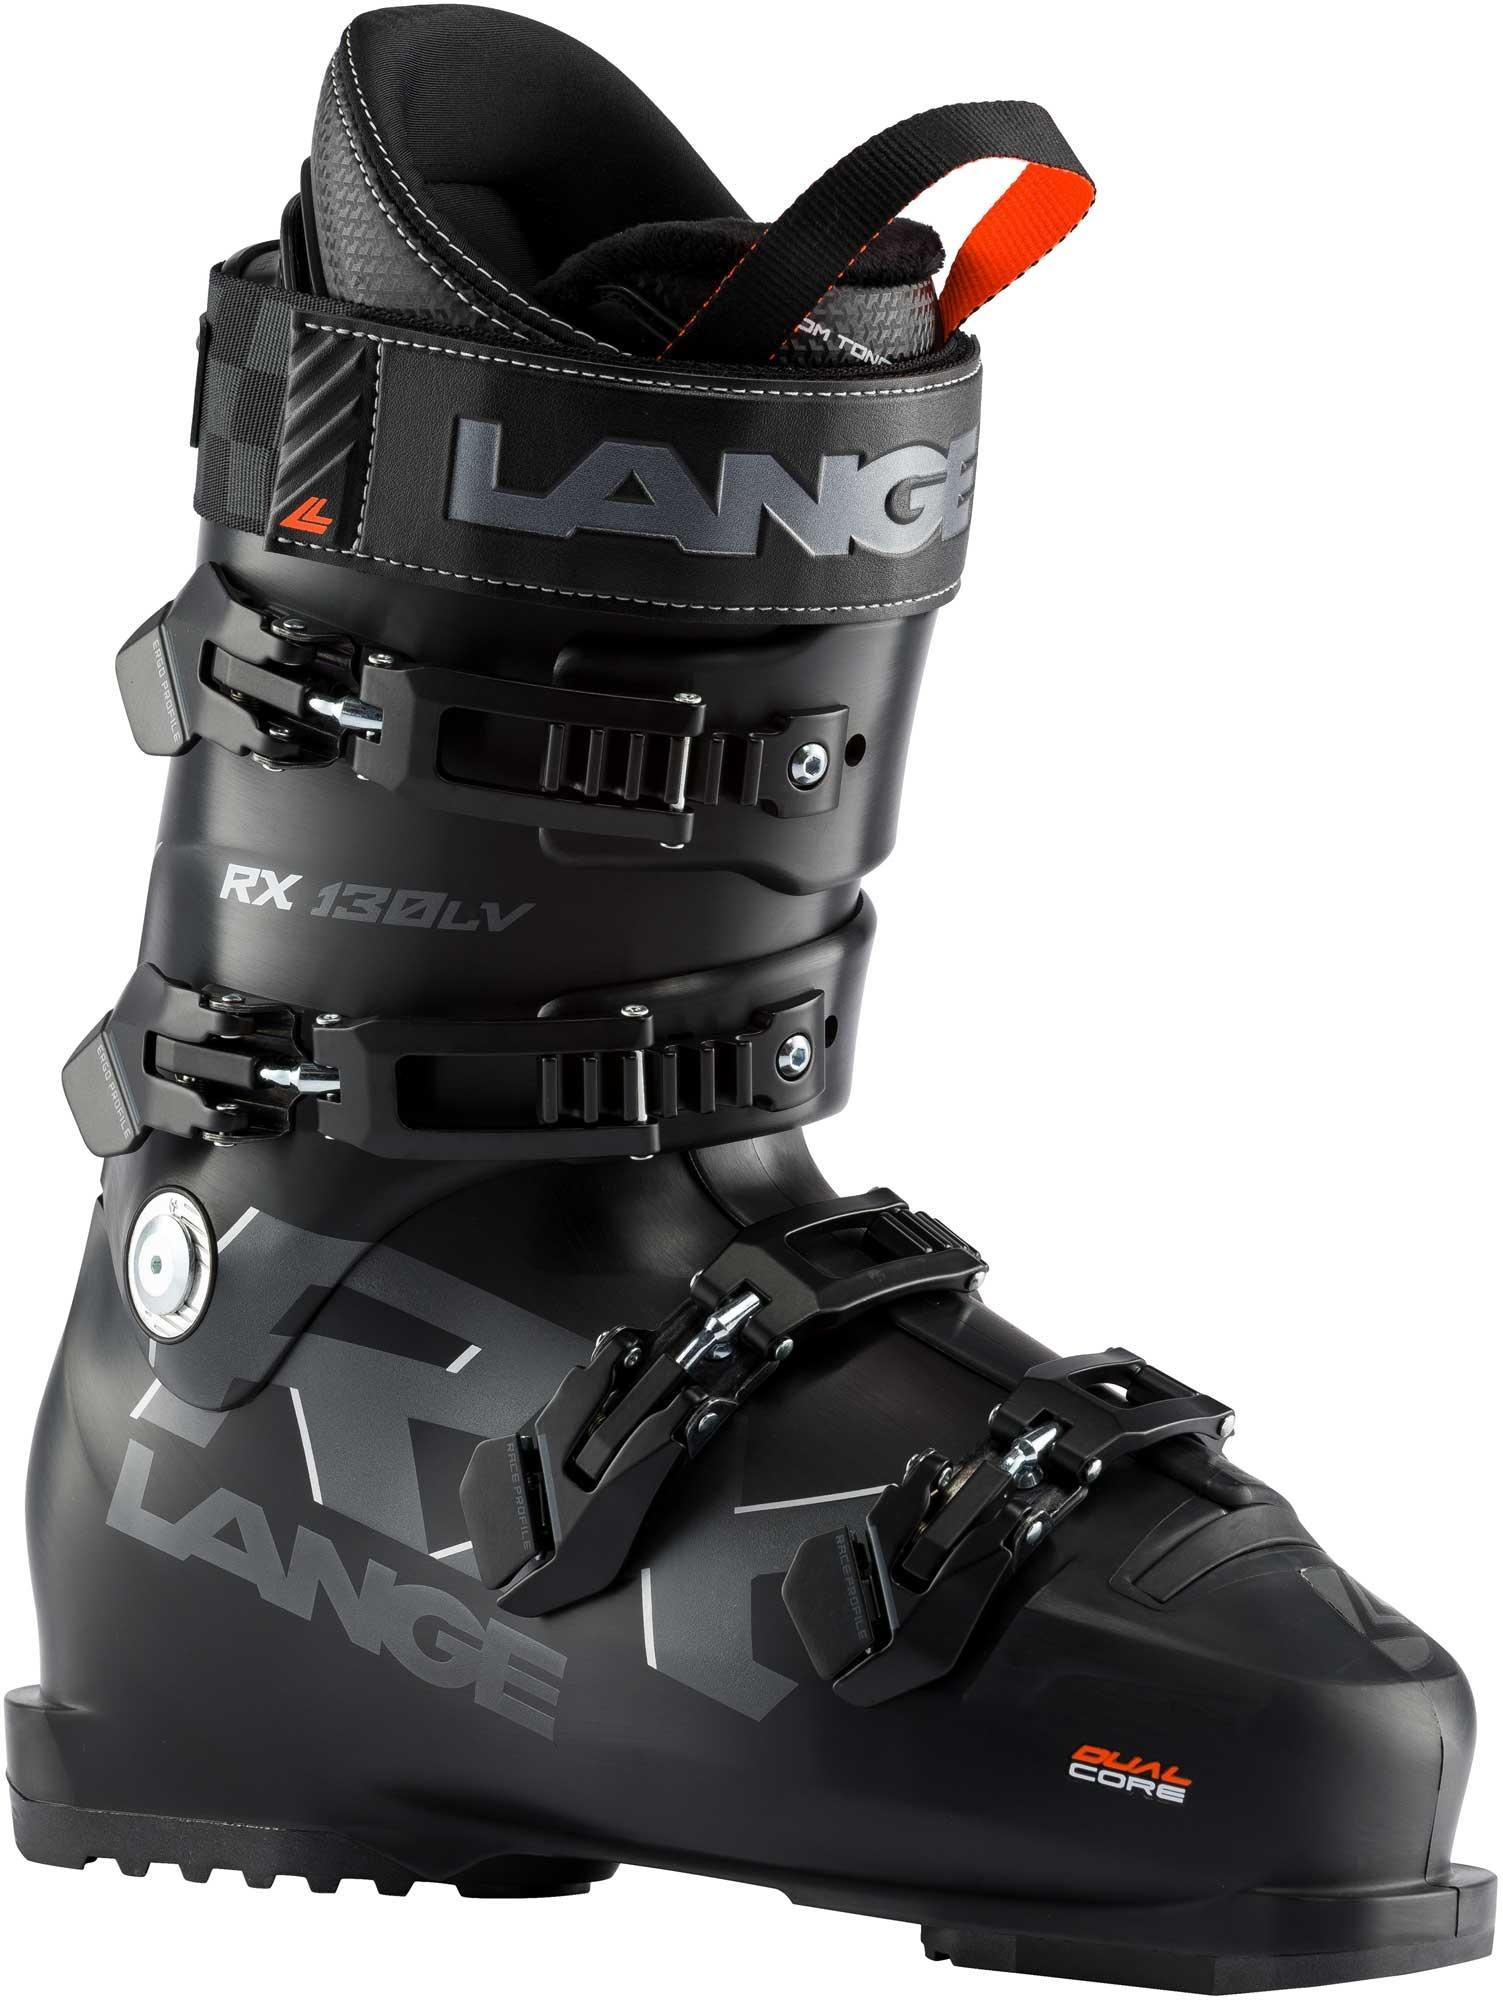 Lange RX 130 L.V.-1